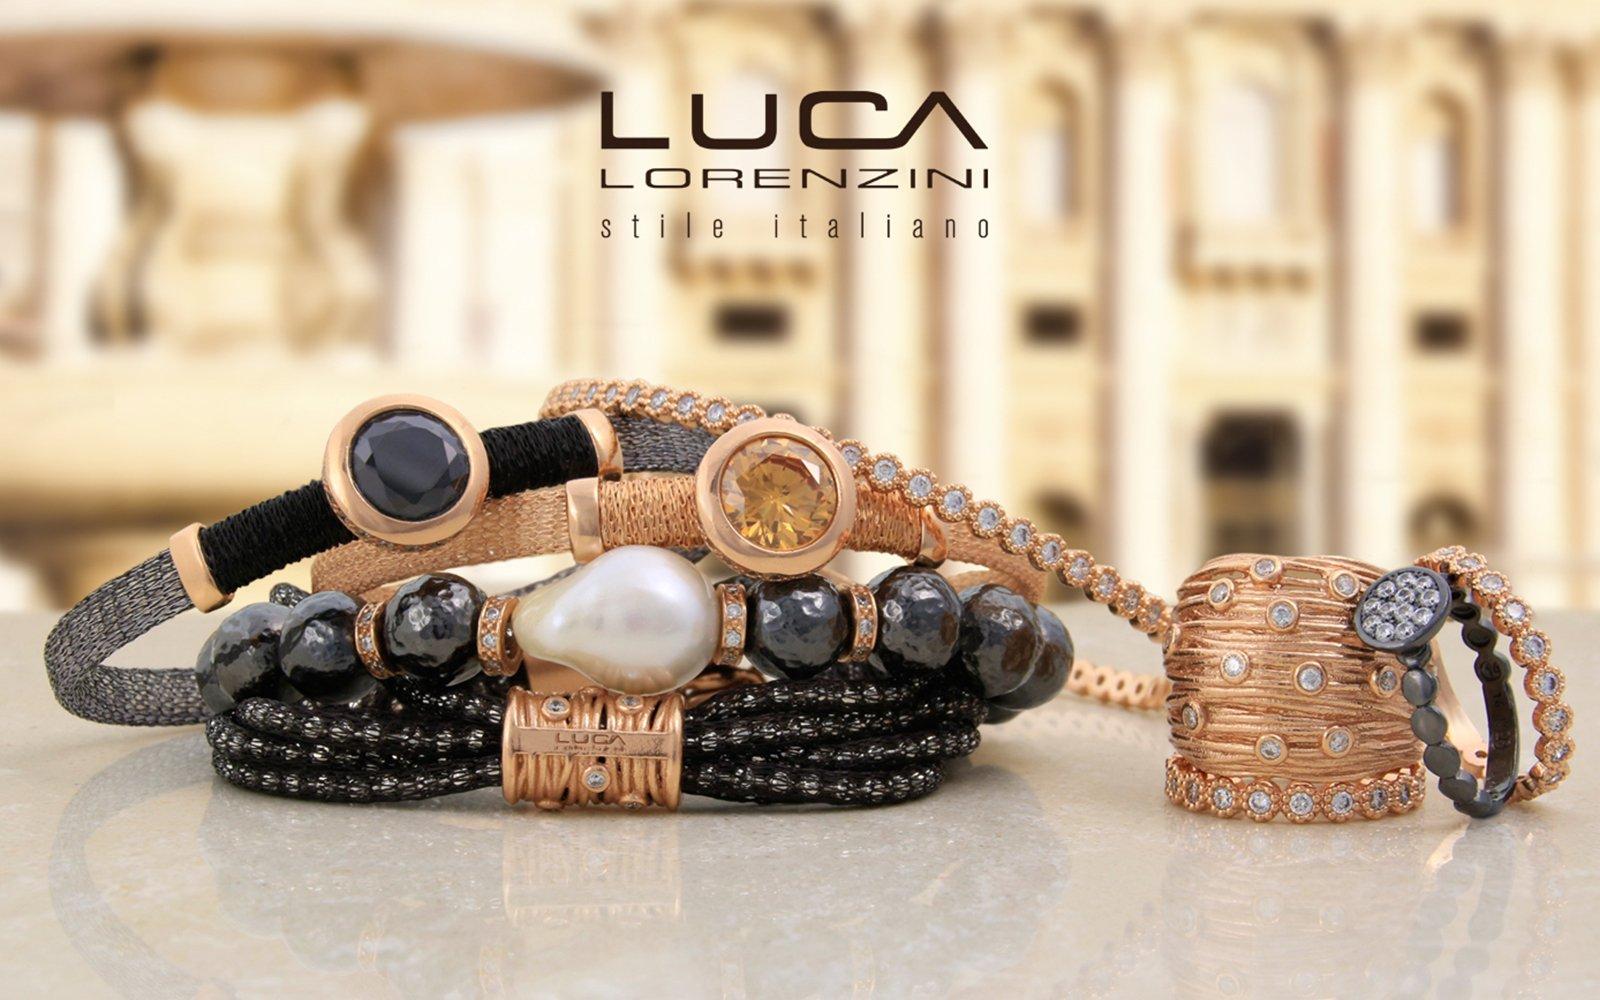 un depliant dei bracciali della marca Luca Lorenzini